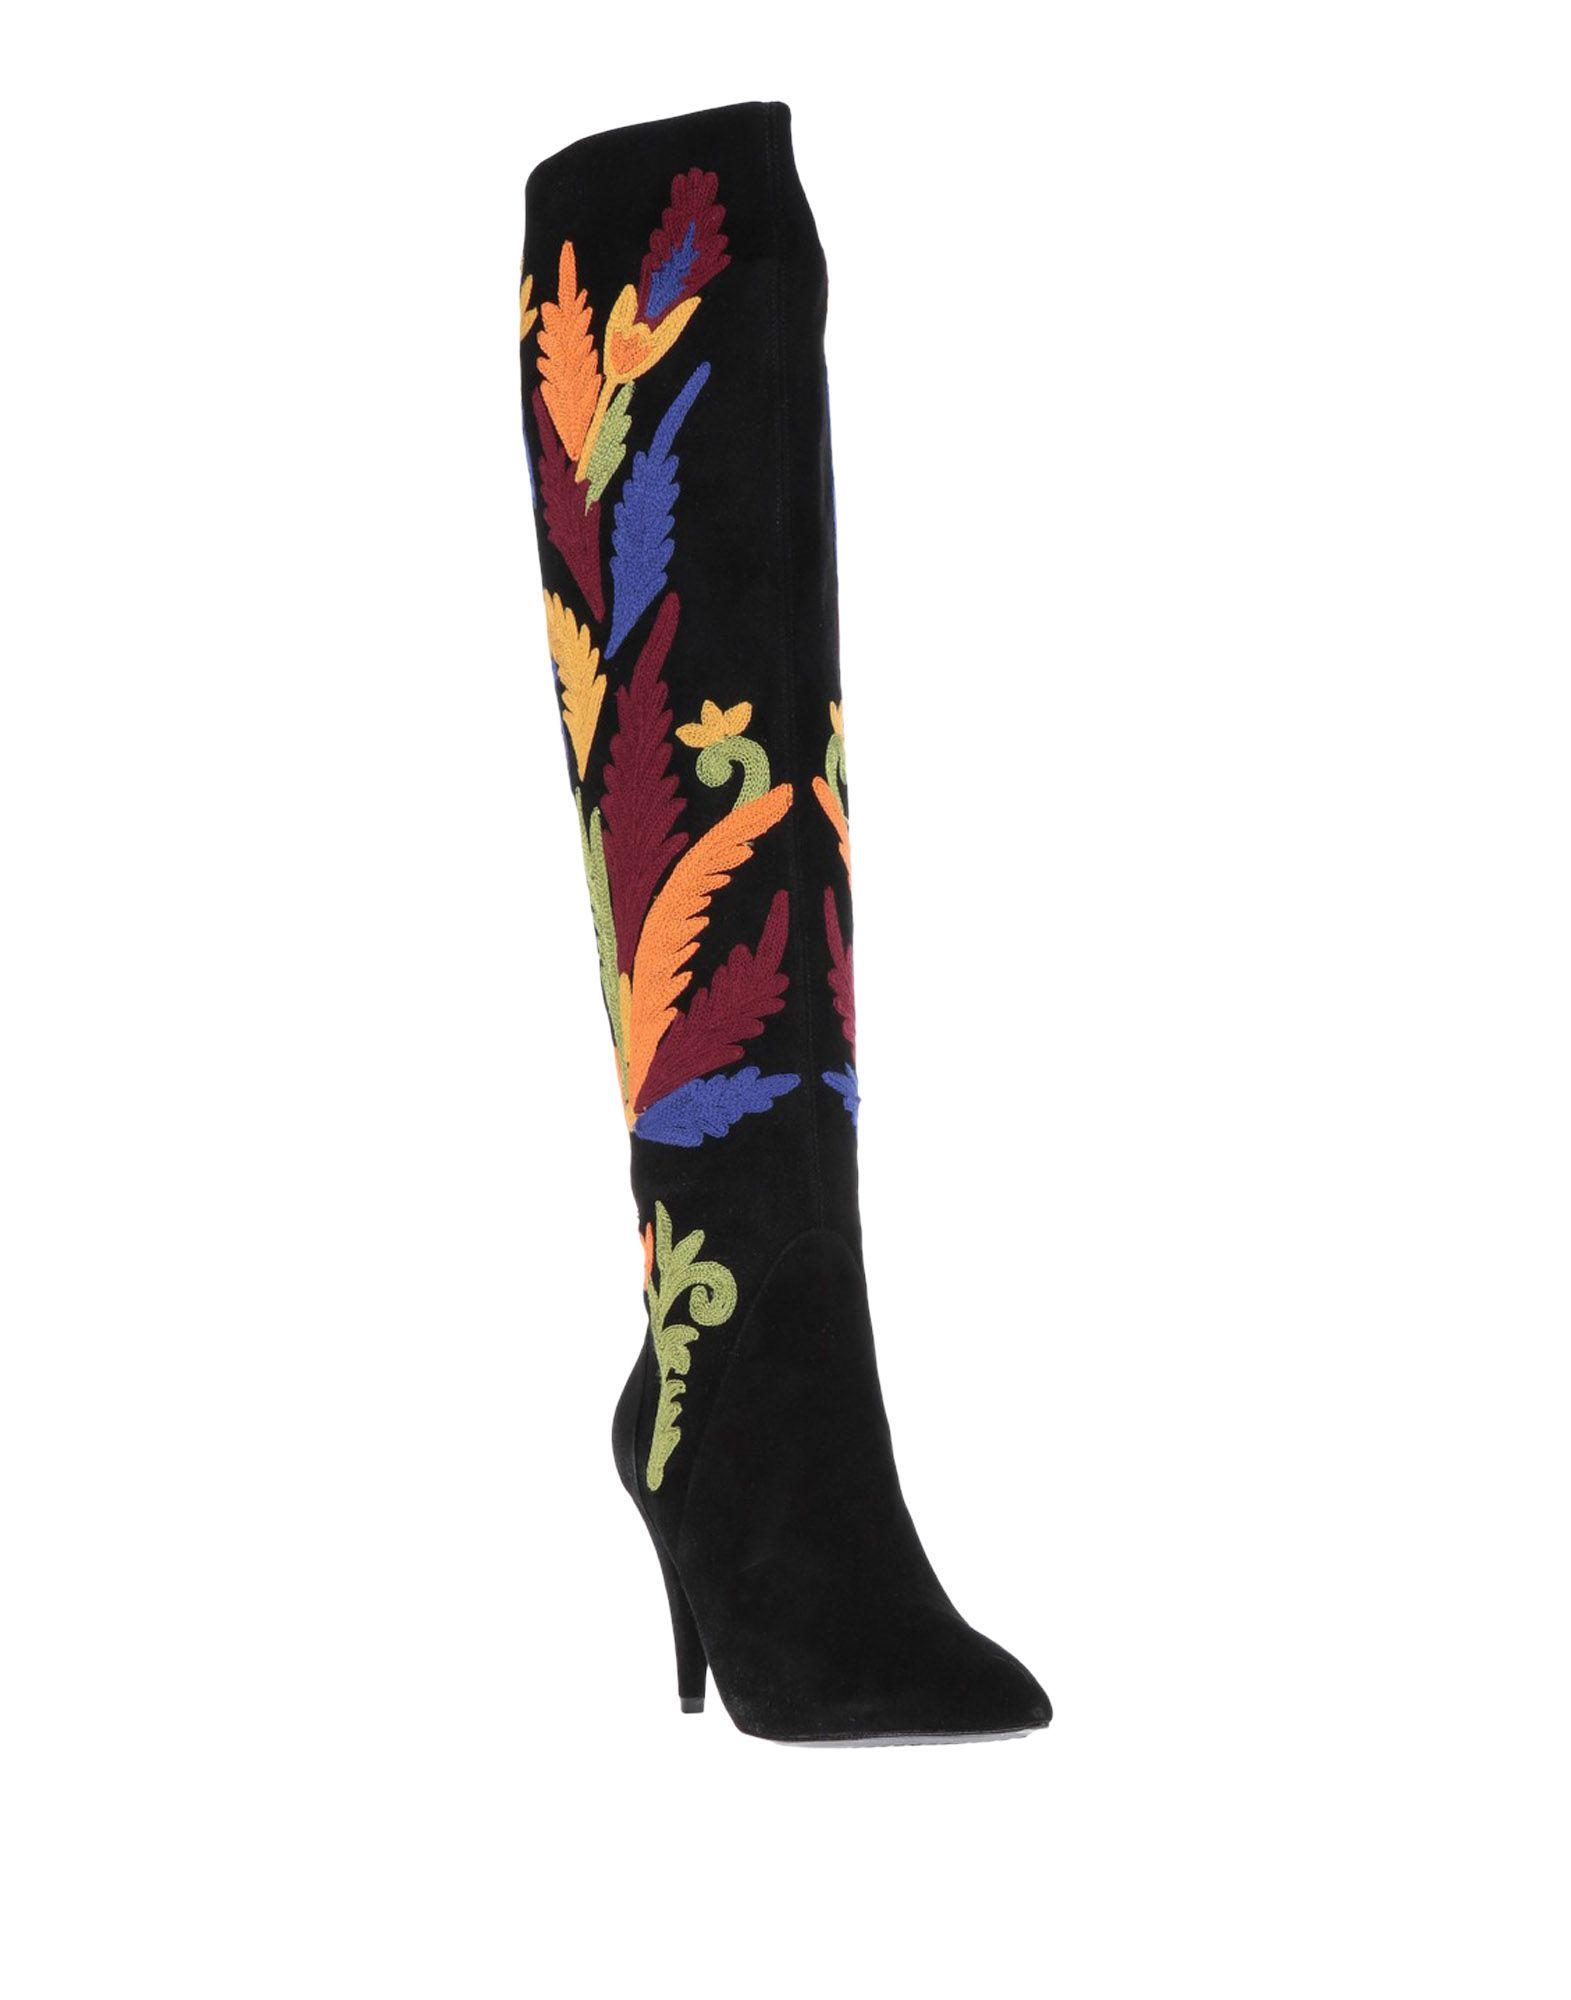 Alice + Olivia Stiefel aussehende Damen 11514744VUGünstige gut aussehende Stiefel Schuhe e2d6d8